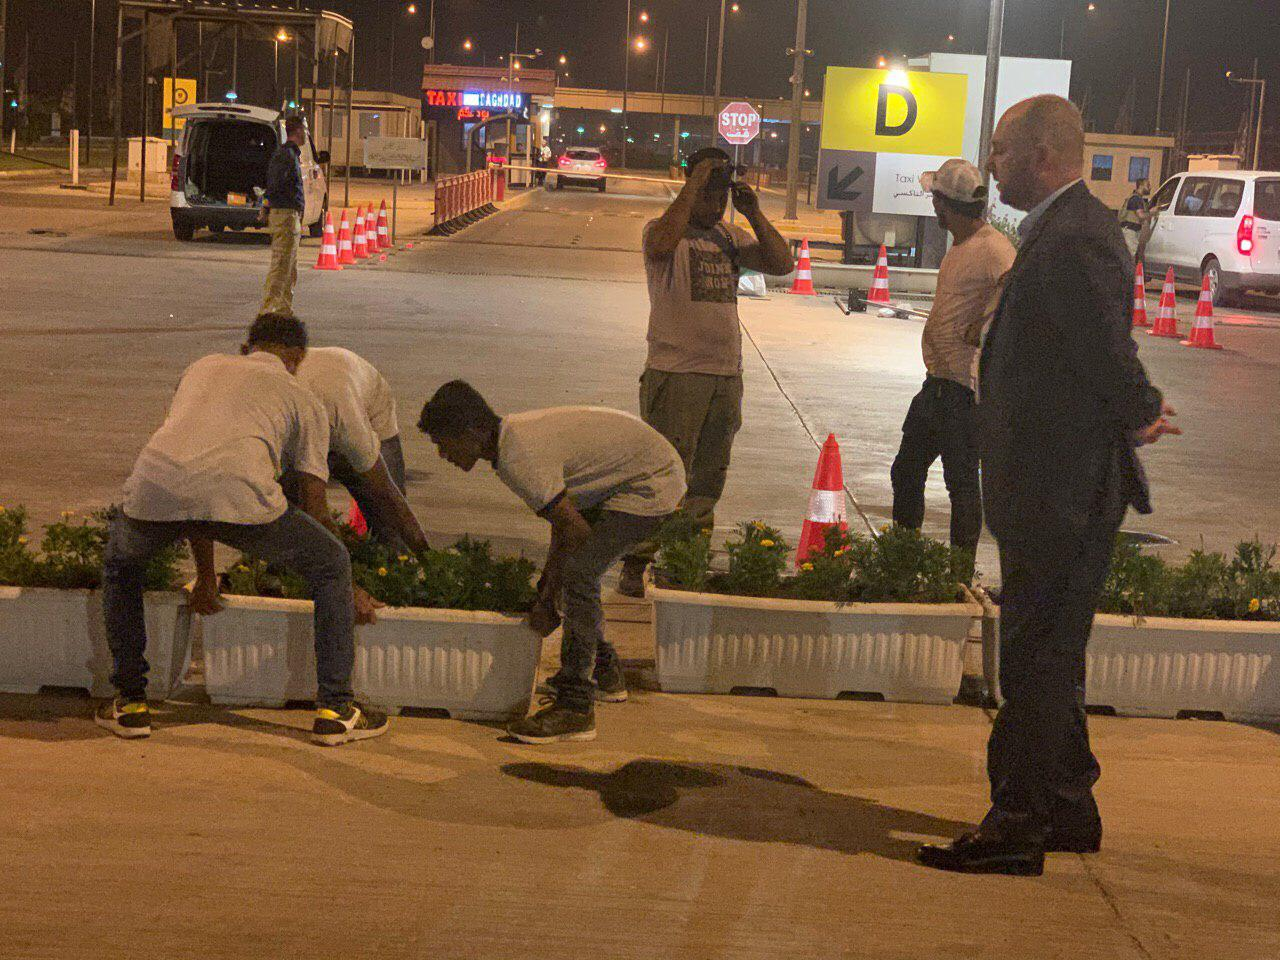 اعادة تاهيل بوابات مطار بغداد من قبل ادارة المطار